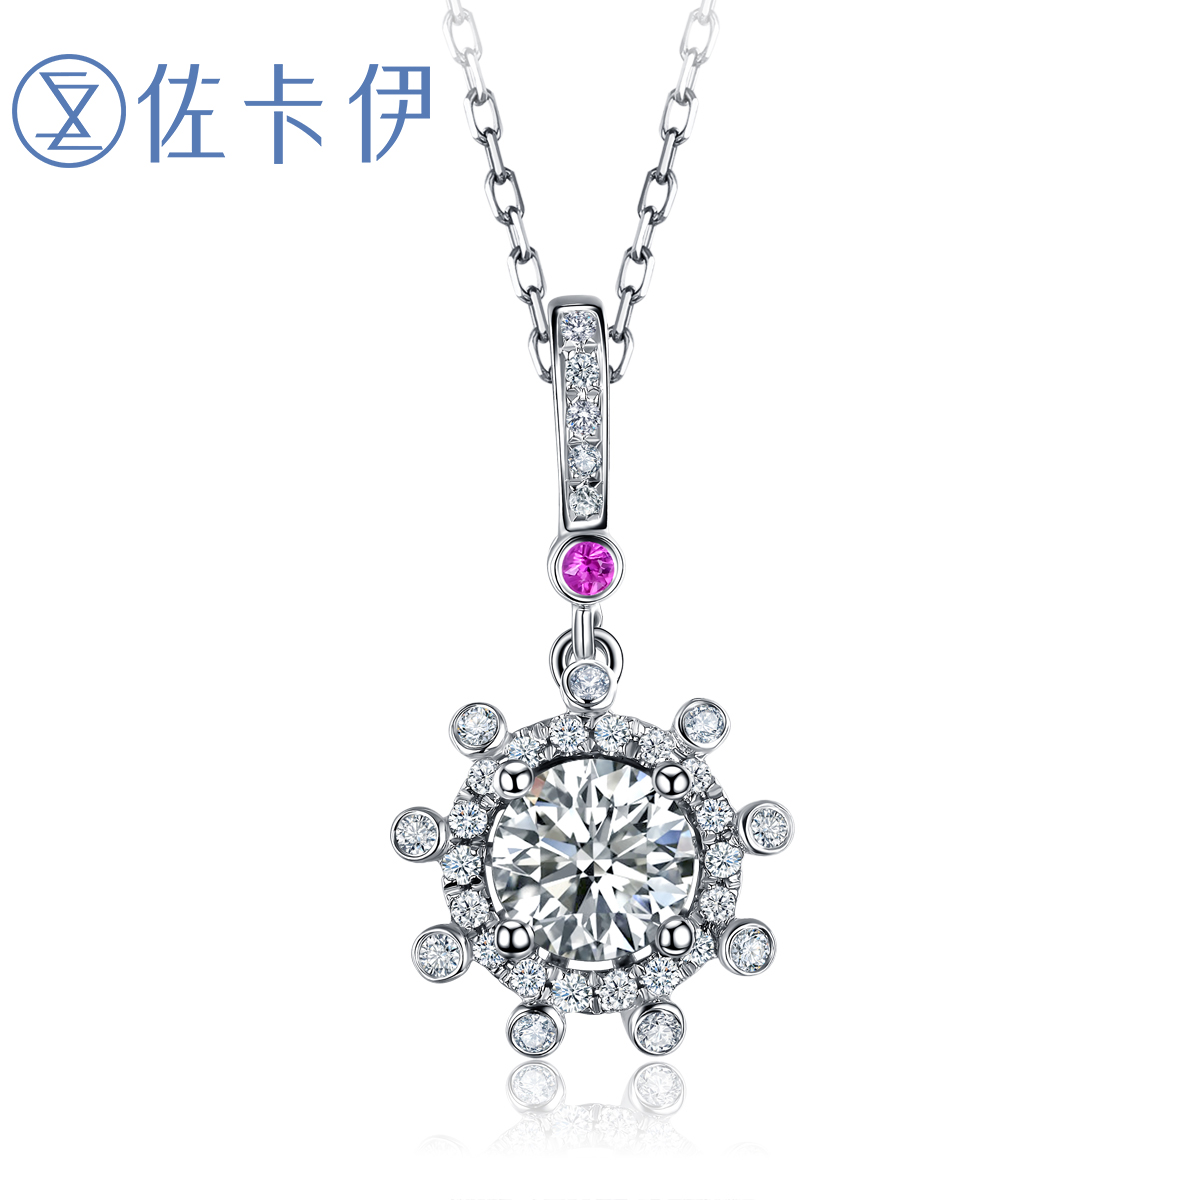 佐卡伊 夏至未至剧中摩天轮同系列 白18K金钻石吊坠时尚项链项坠